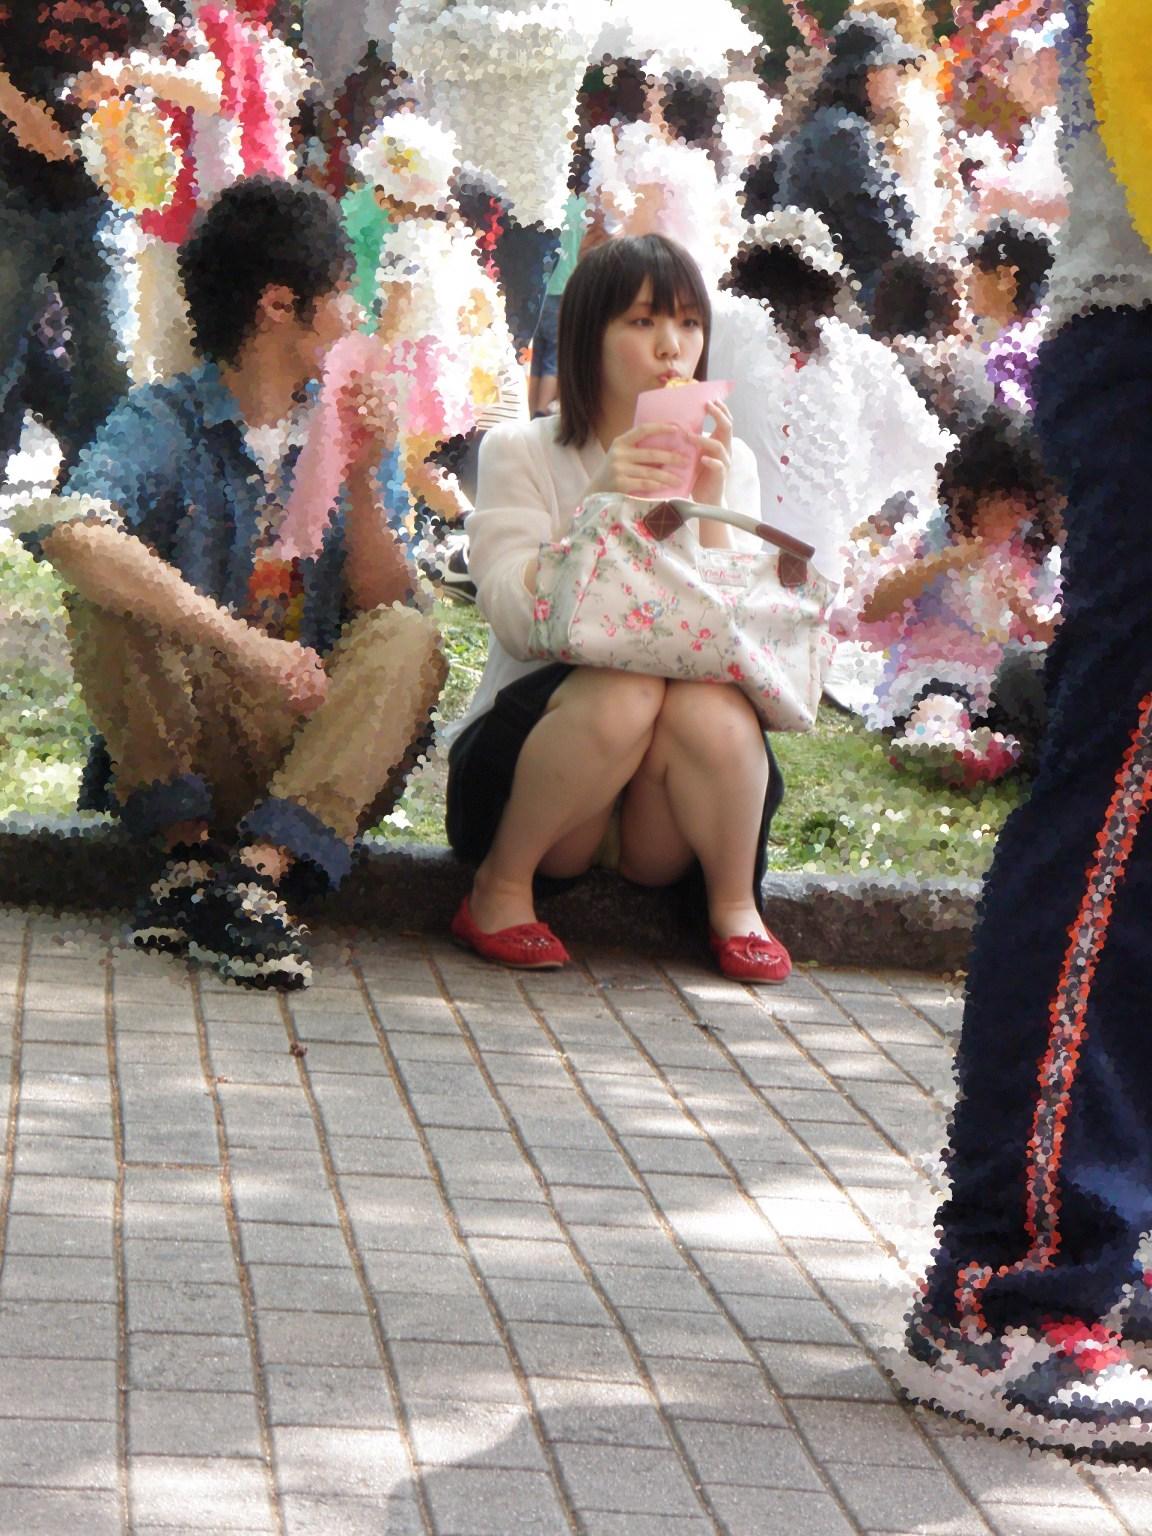 【パンチラエロ画像】天気が来ればまた見られる!広場の座りパンチラ女子たちwww 11